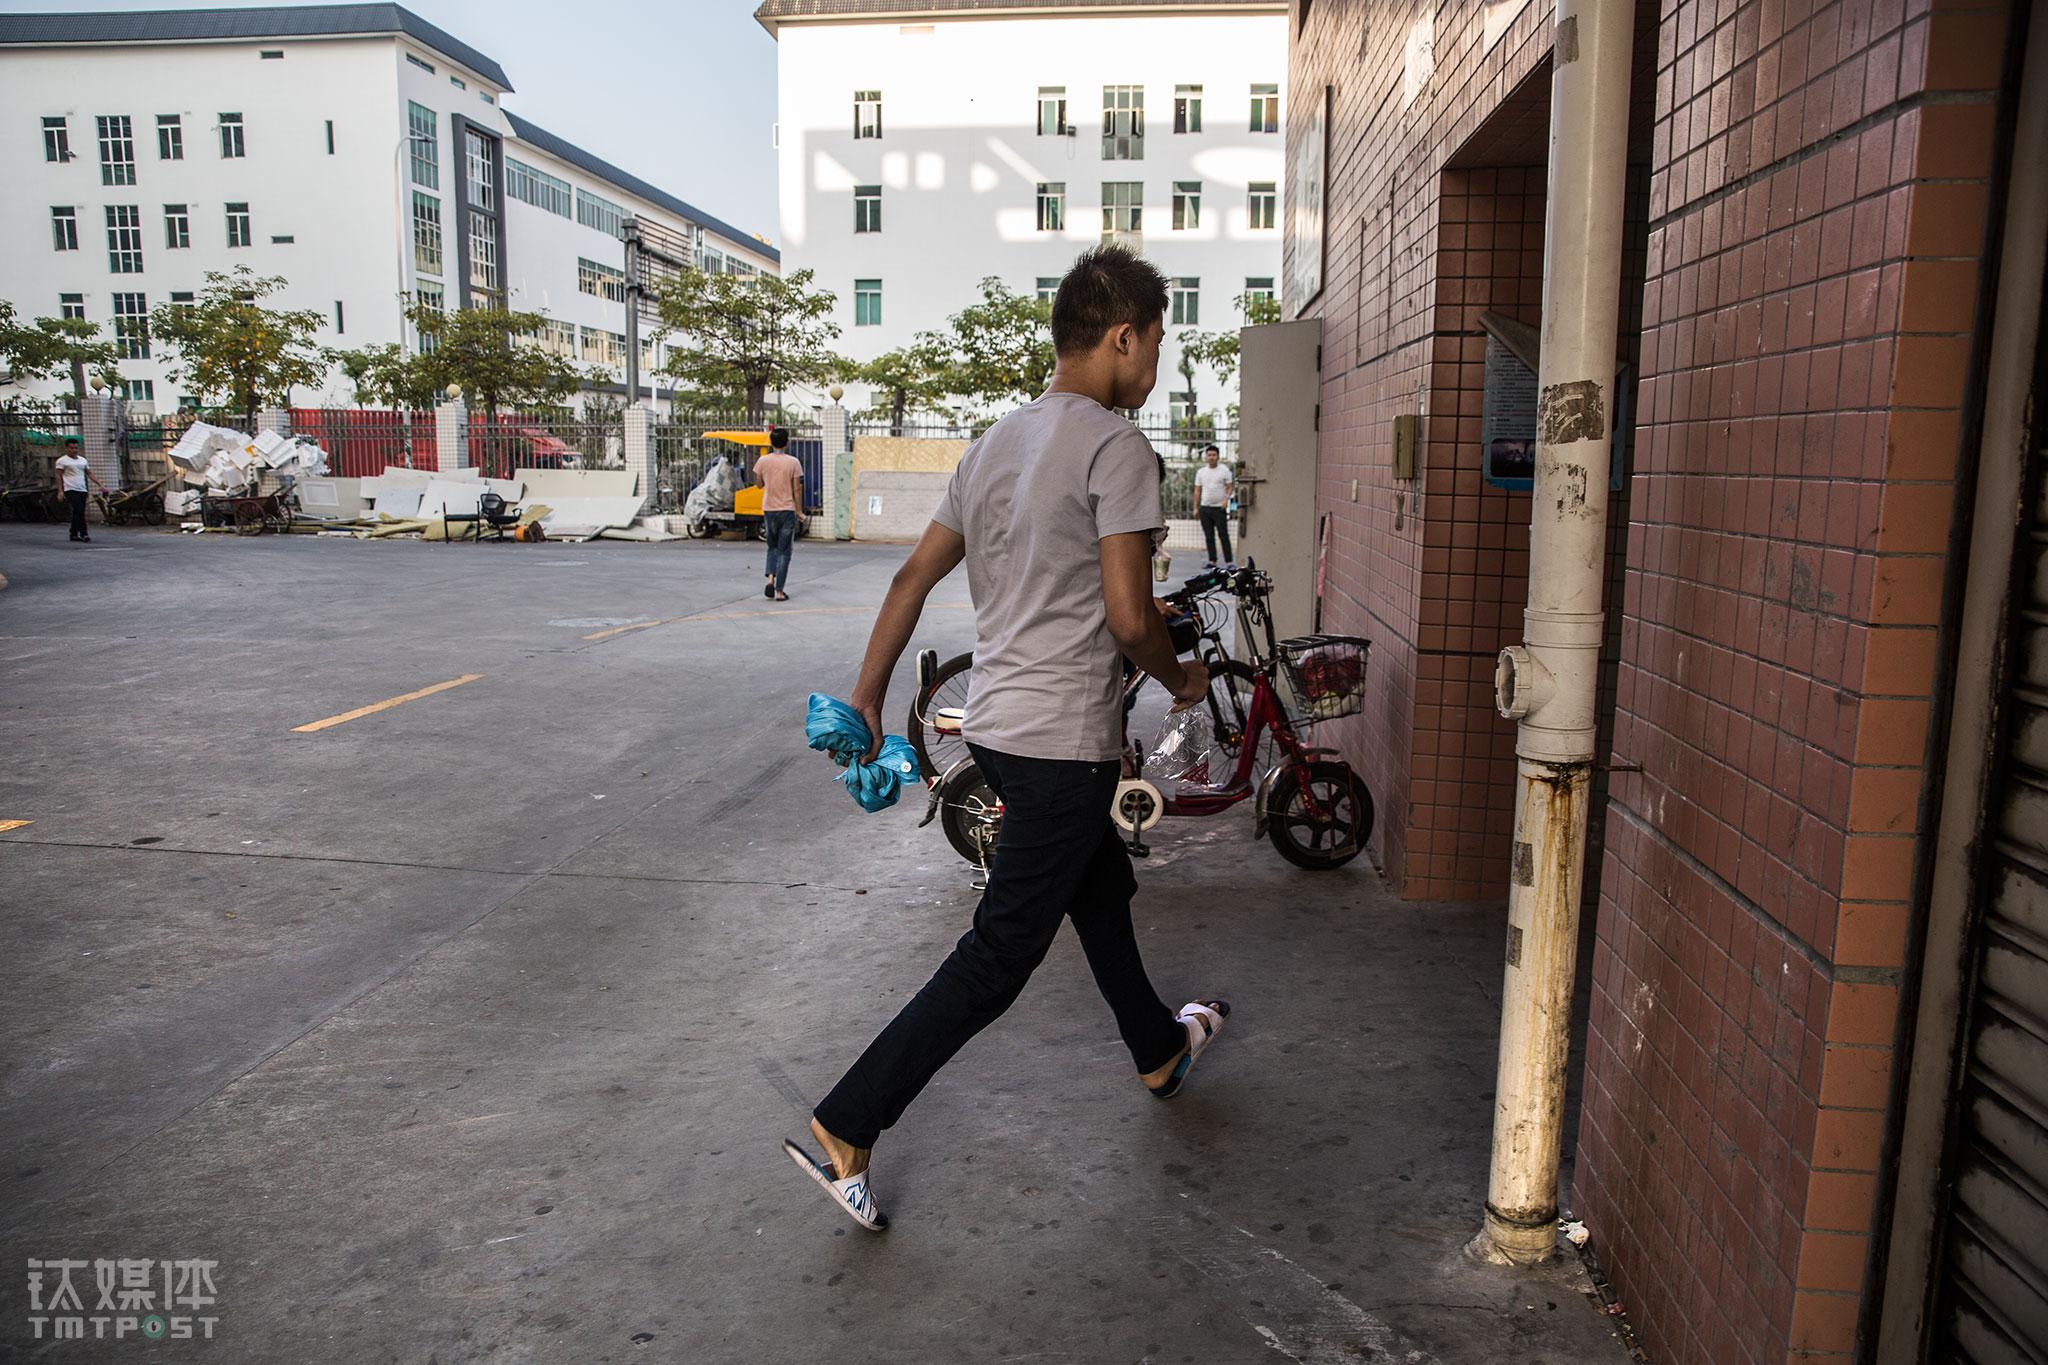 10月23日早上07:35,工人张文根大步跑向车间,他的嘴里还包着没下咽的早餐。从宿舍到工厂车间3分钟路程, 张文根想赶在工友们在考勤机前排起长队前到达,他是自己那条线上的第一个工位,为了尽量不影响后面工友的操作,他每次都会比别人早一点就位。